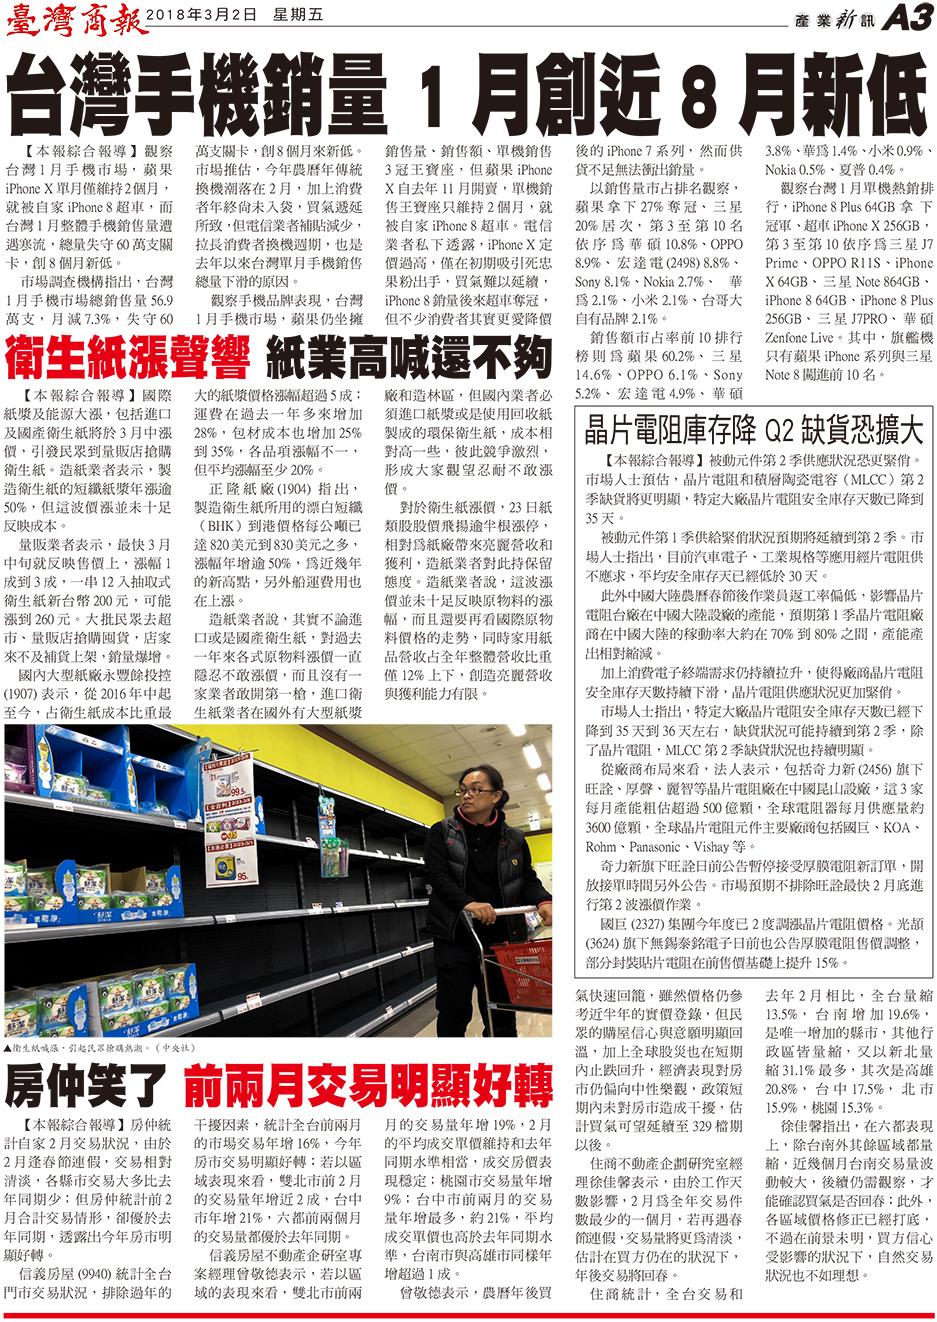 台灣手機銷量 1 月創近 8 月新低